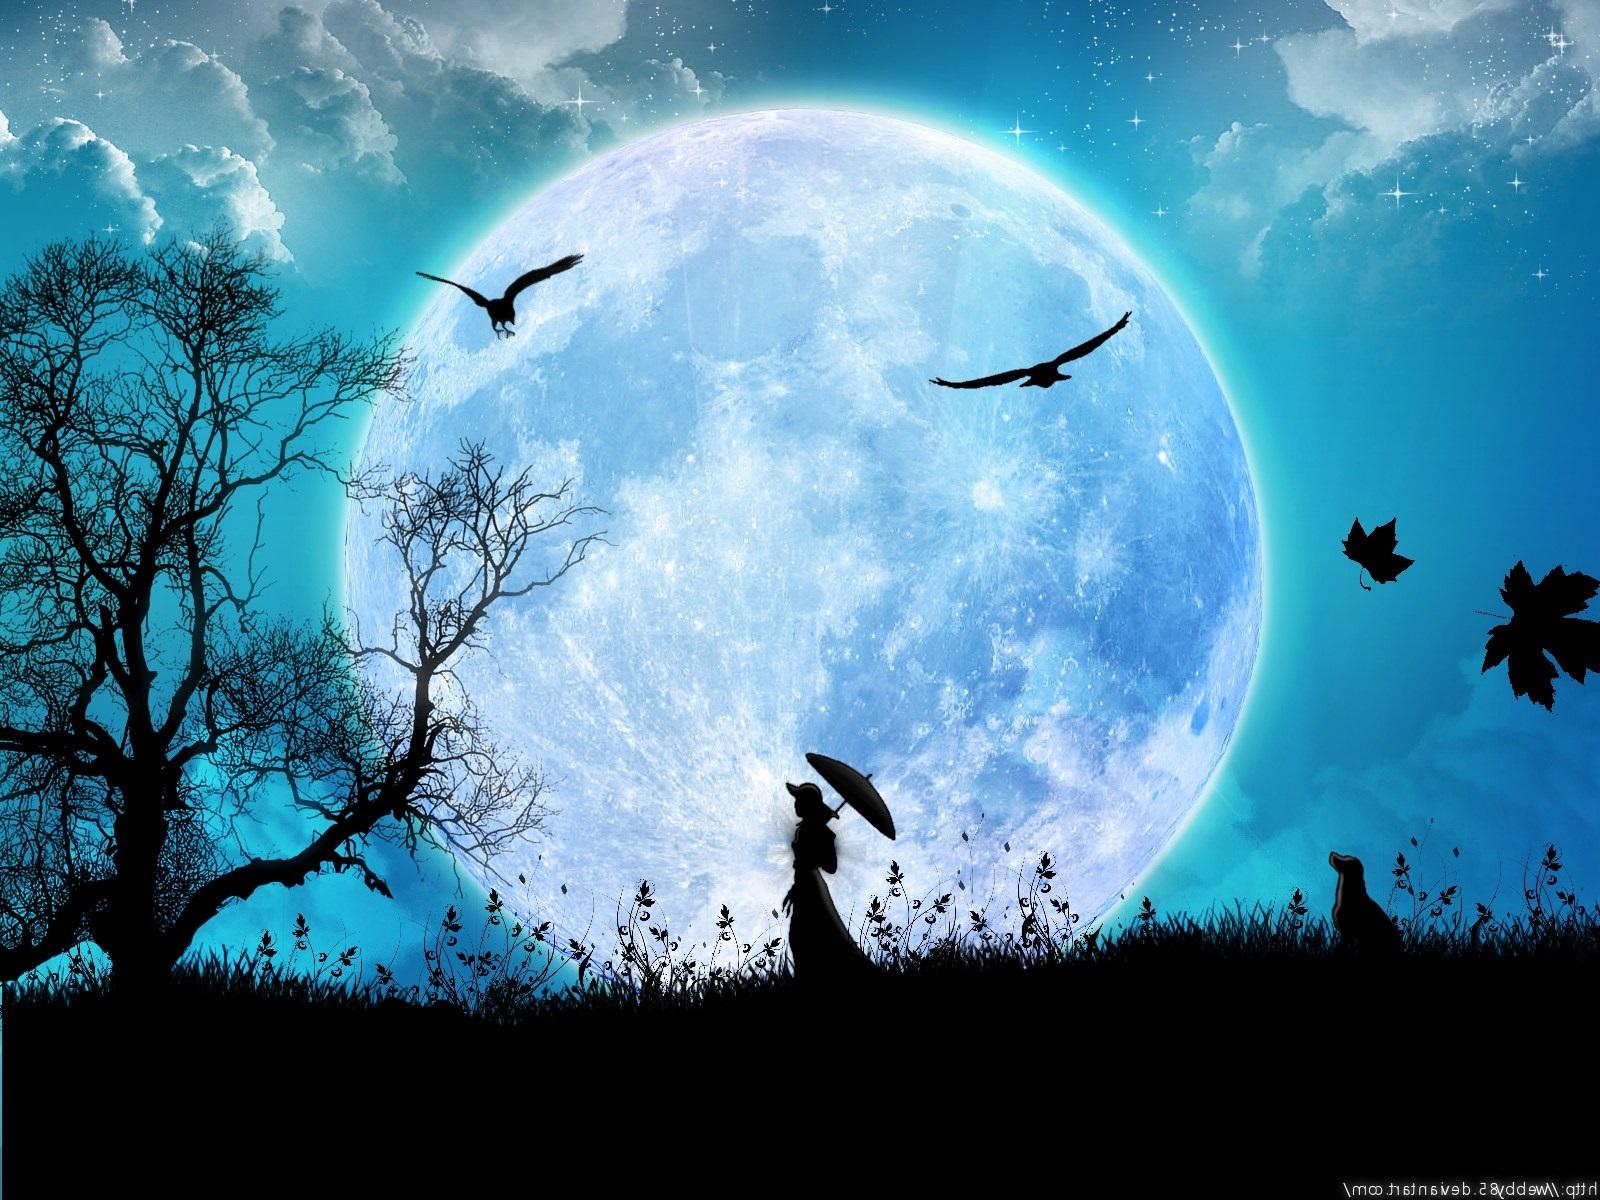 луна, стихи, автор, стих, сказки, притчи, рубрика, Татьяна Сотникова, сказка, дочка, вор, бай, отчий дом, дочь, мадонна, принцесса